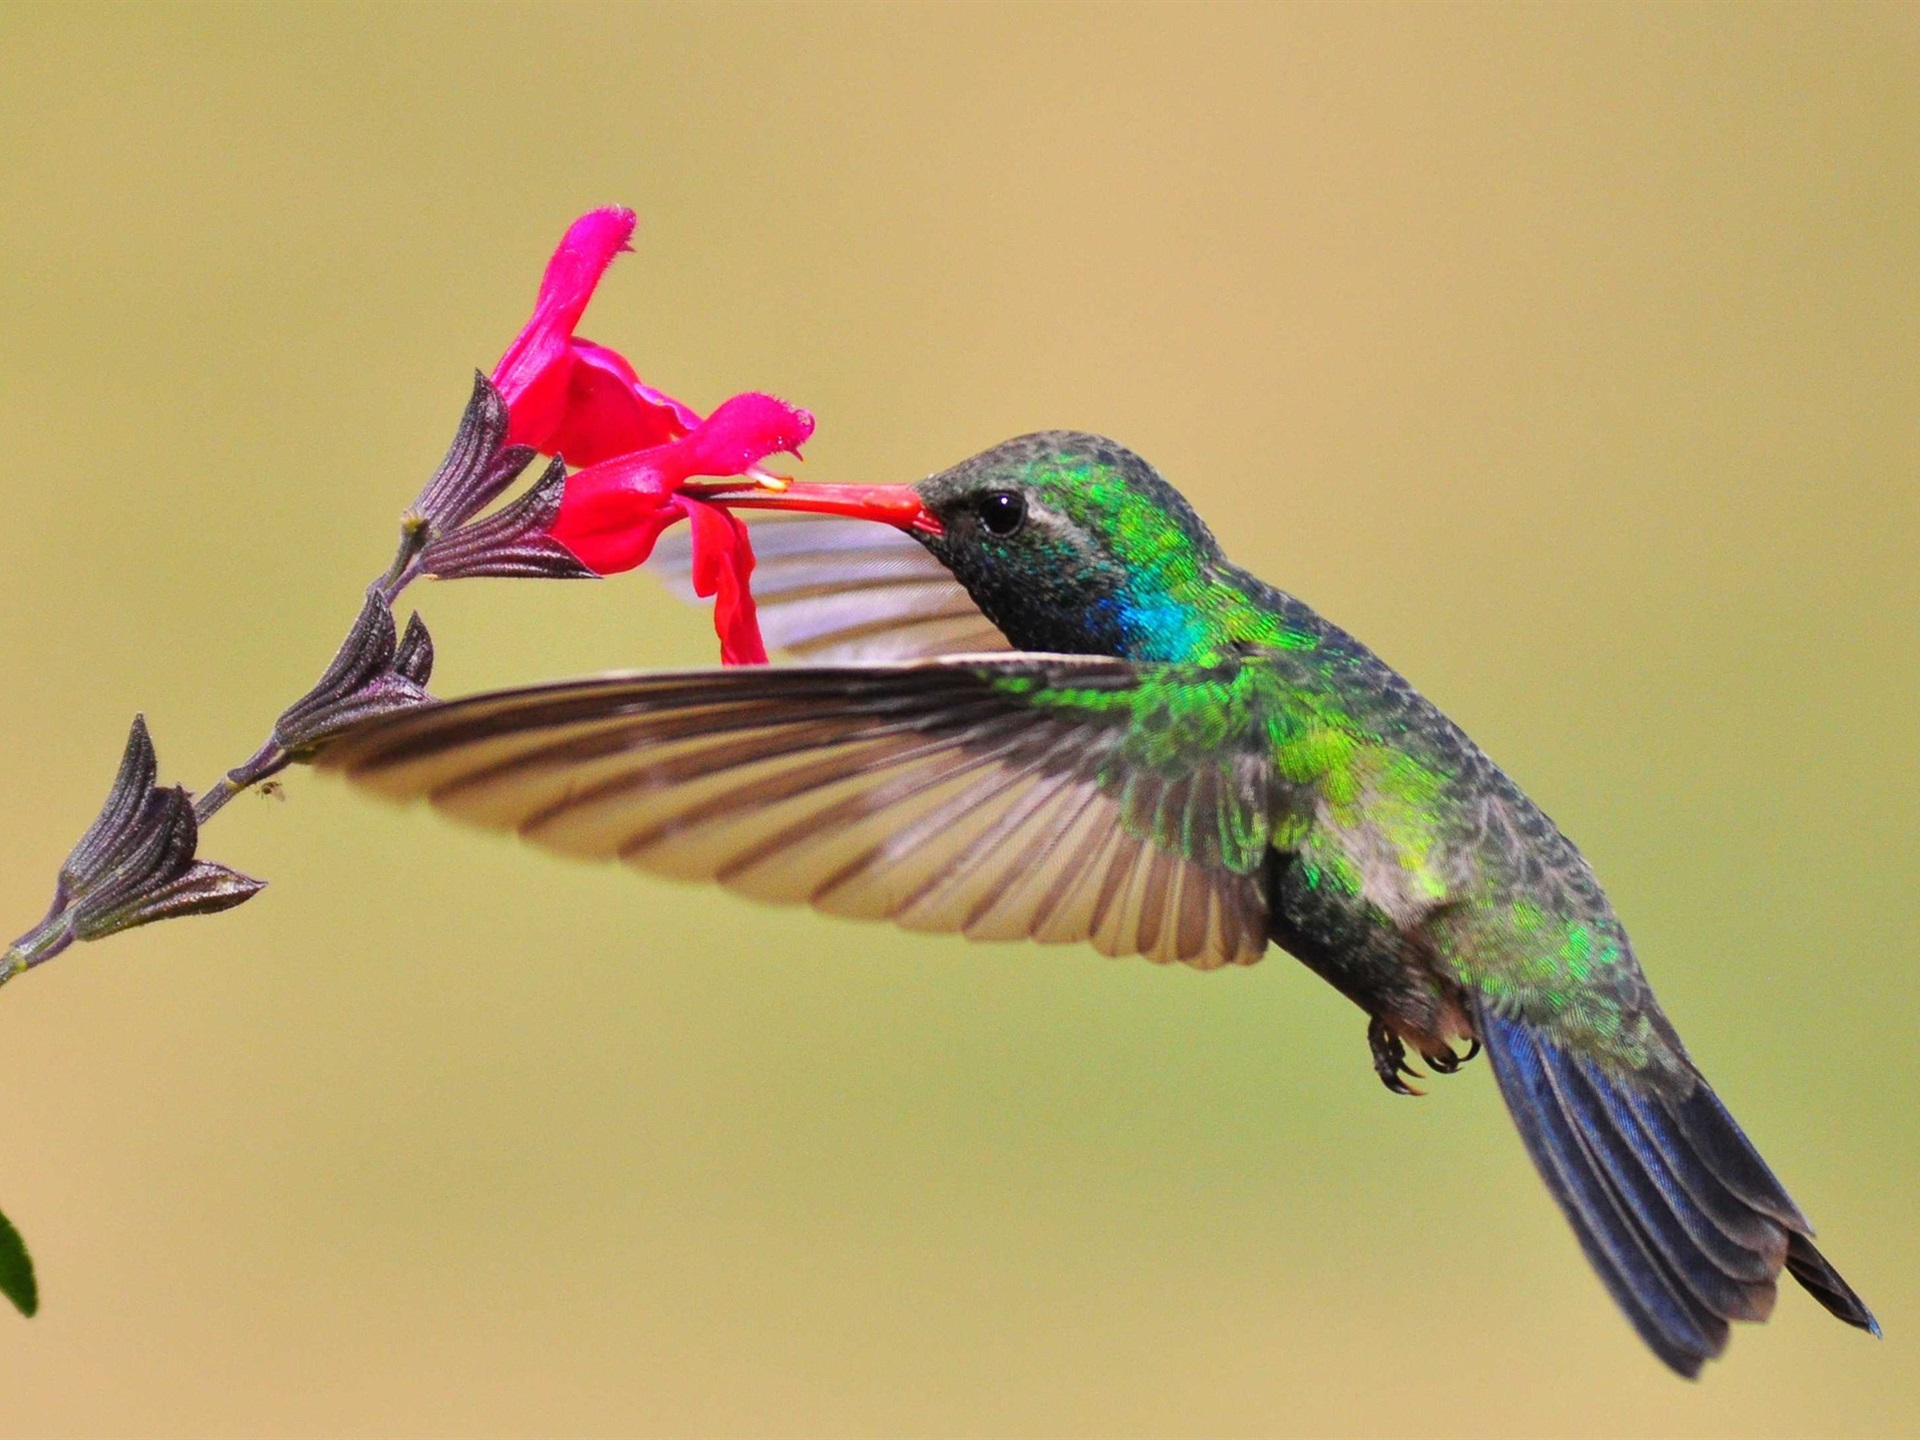 Животные картинка колибри для раздавленного